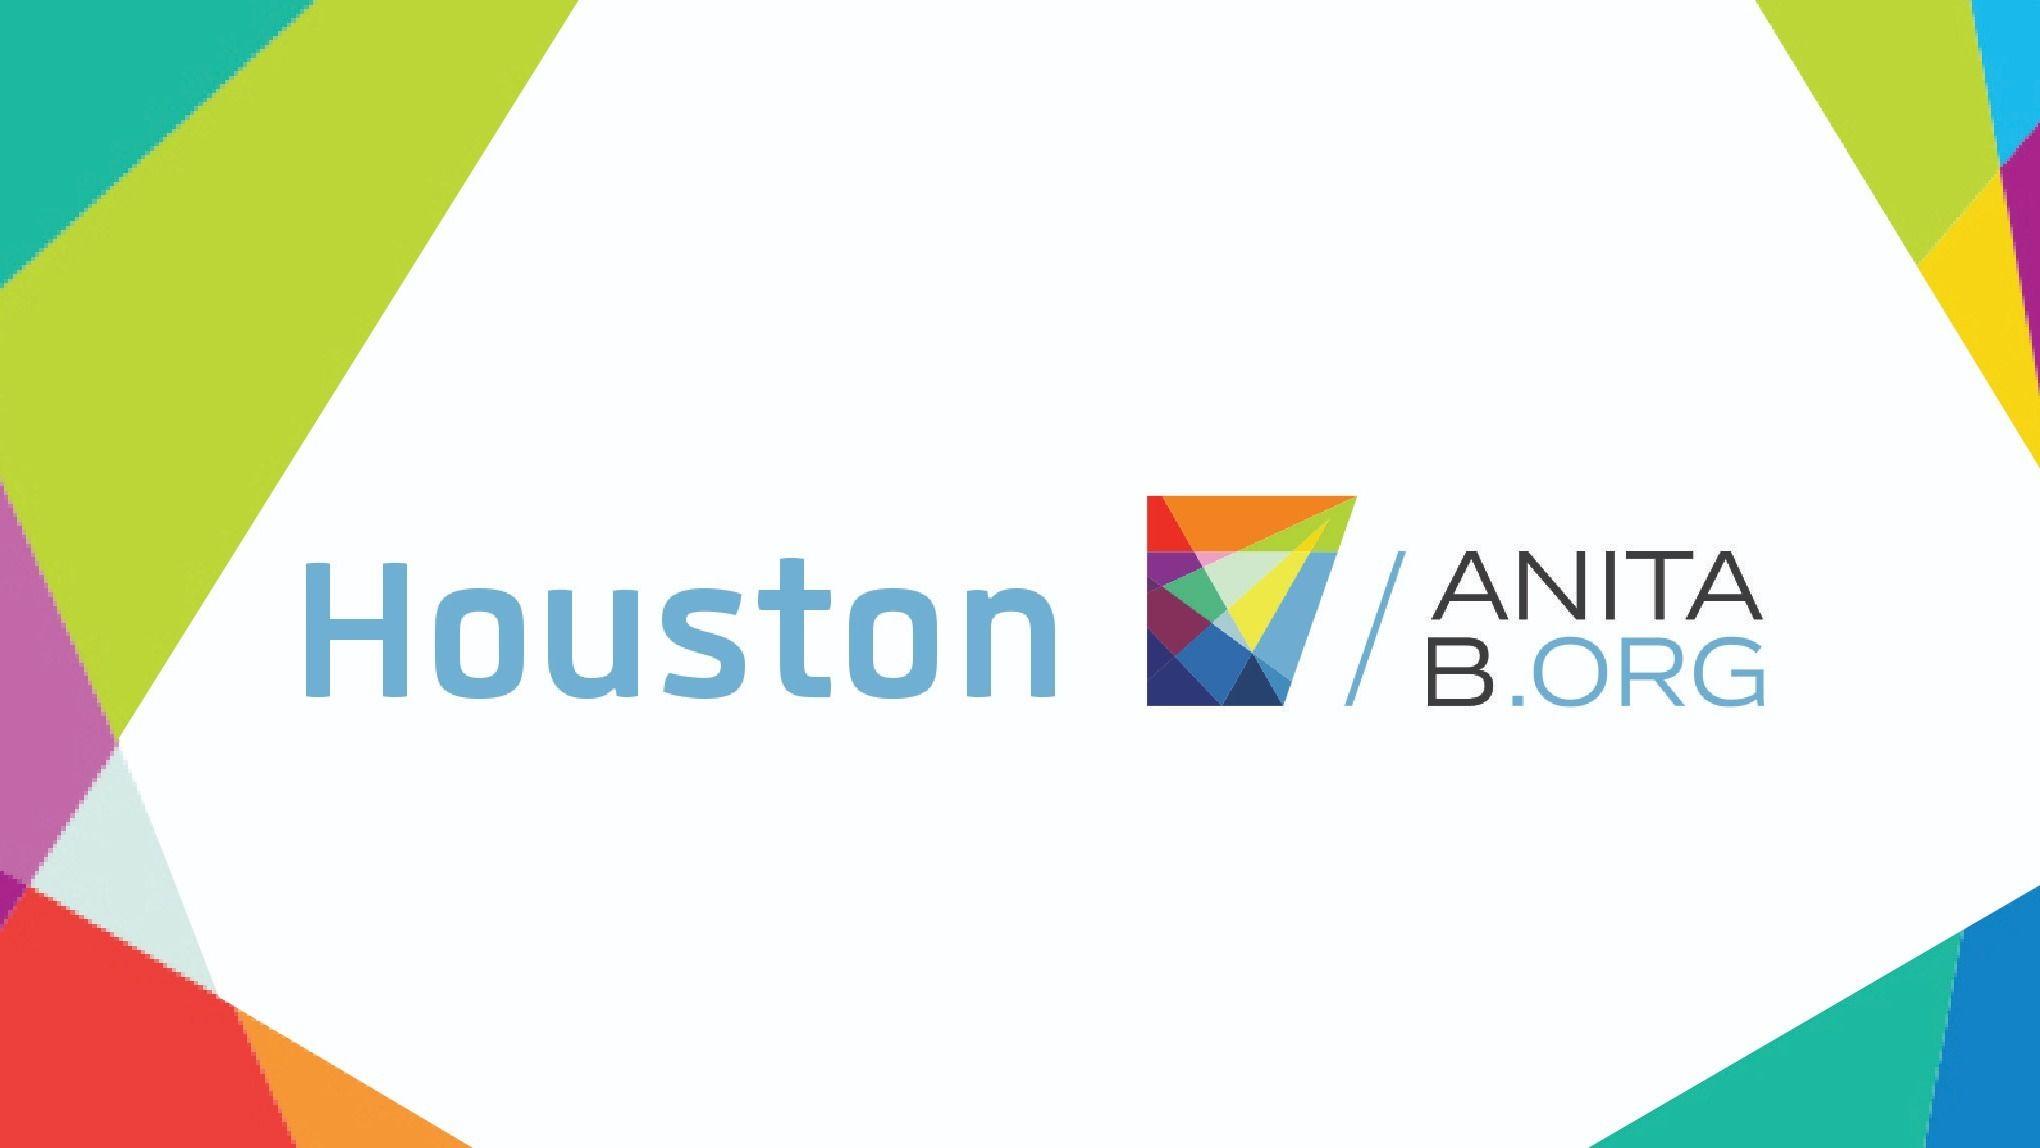 Houston AnitaB.org Meetup